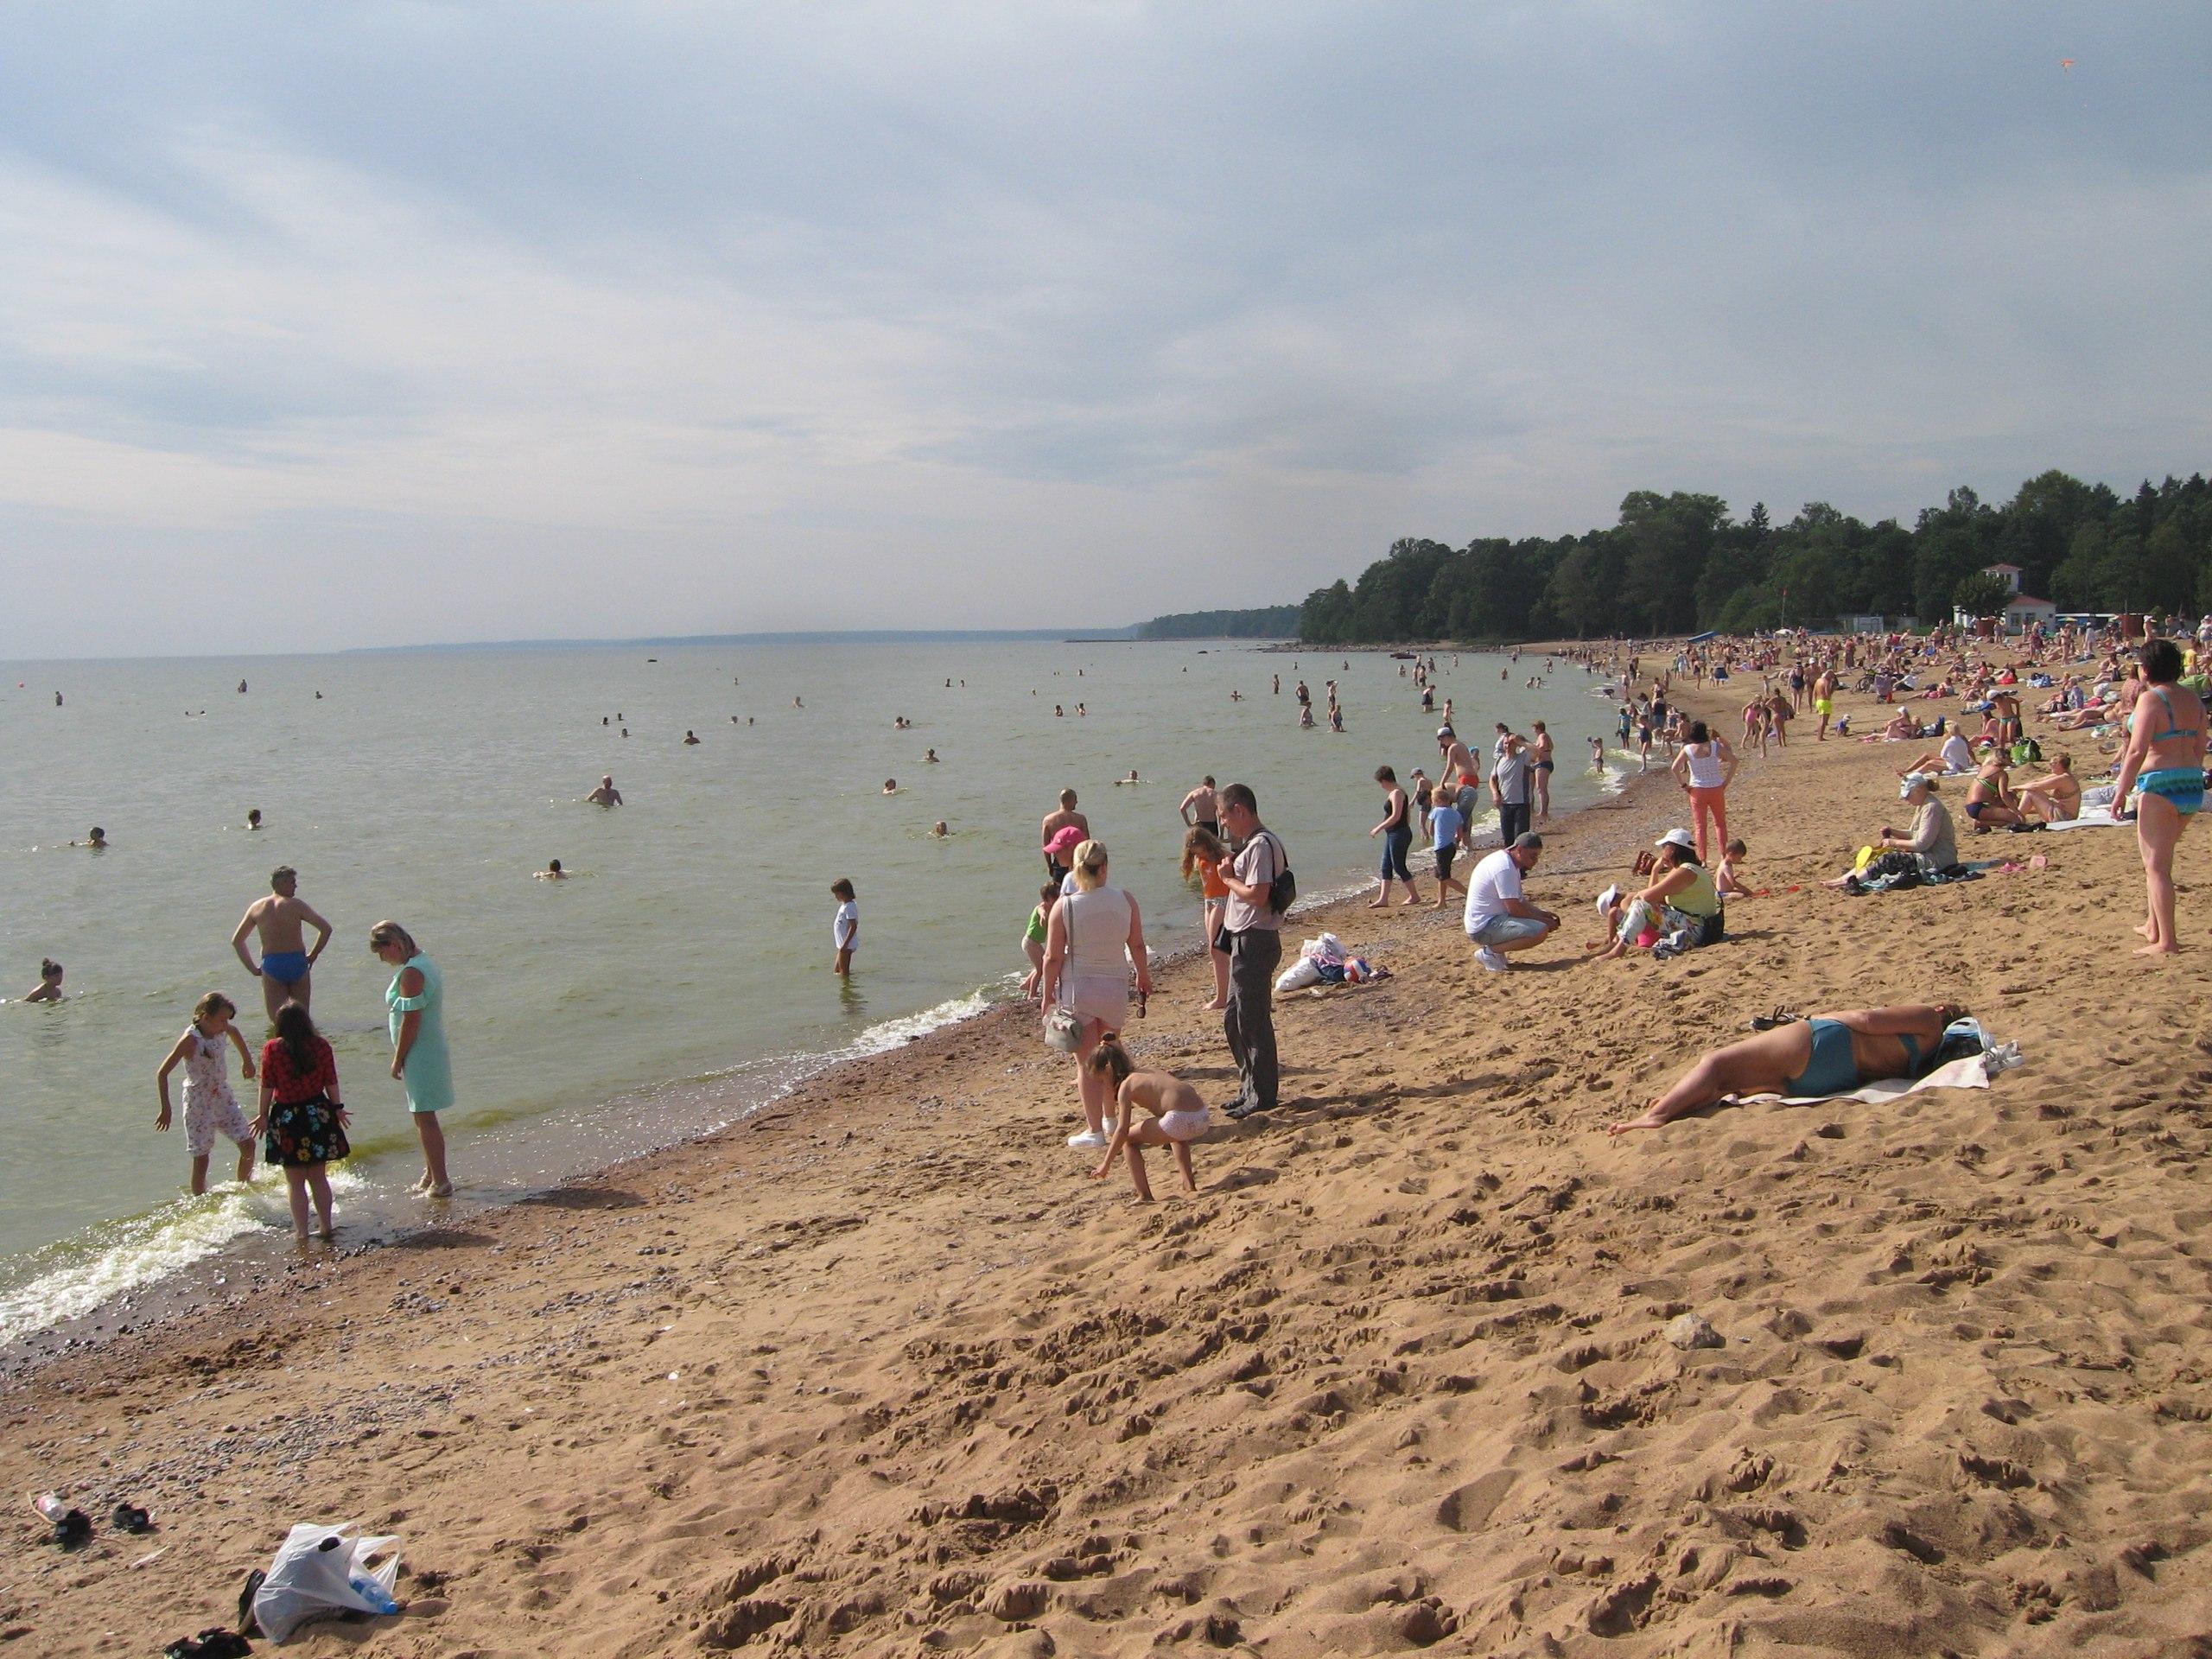 зеленогорск ленинградская область фото пляжей и набережной тому время